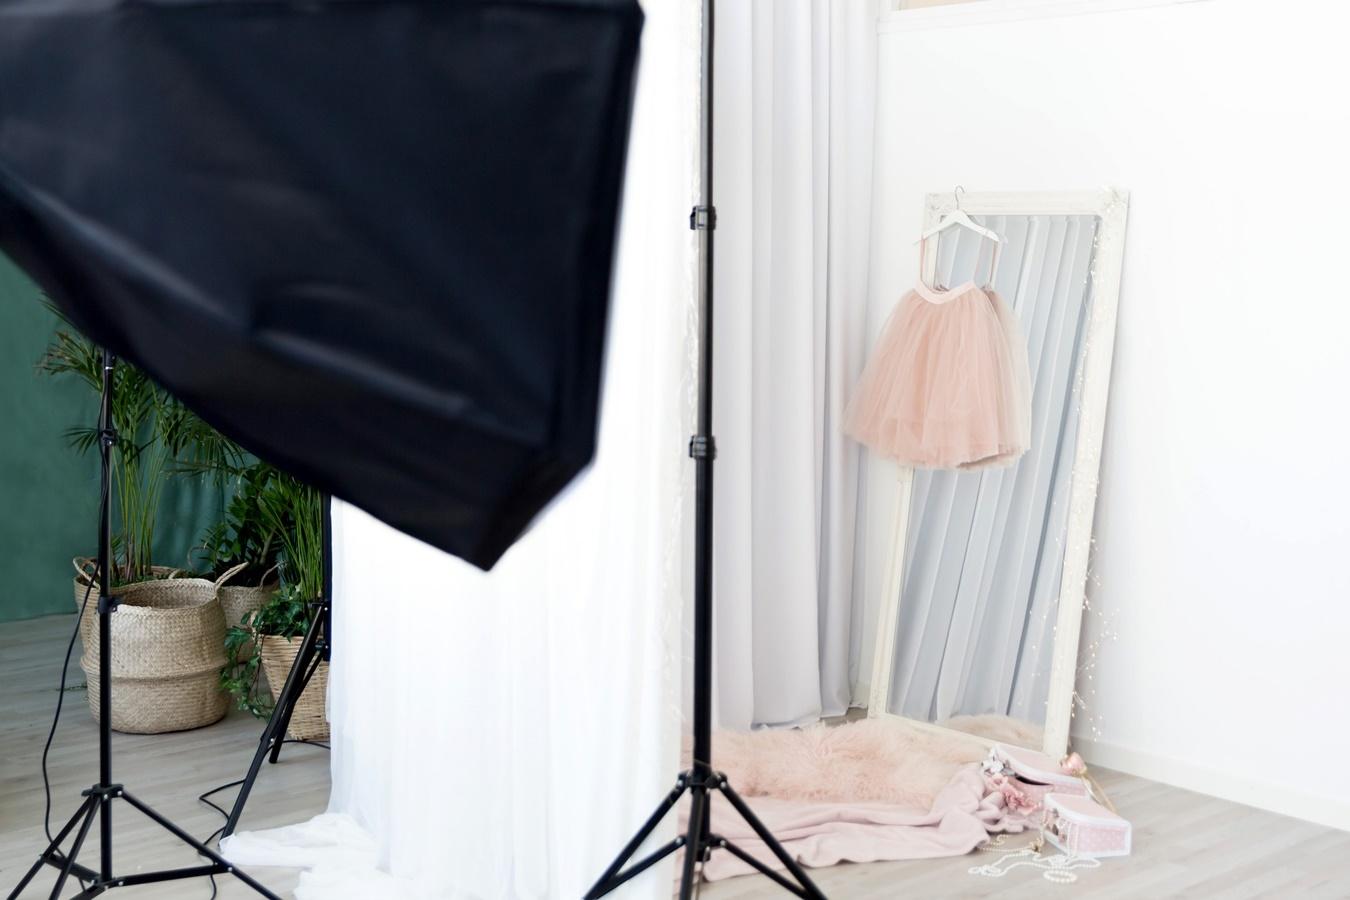 Studio miljö vår 2019 frokenfotostudio.se Fröken Foto Studio fotograf Malin Richardsson Skene Kinna Borås Kungsbacka (2).jpg